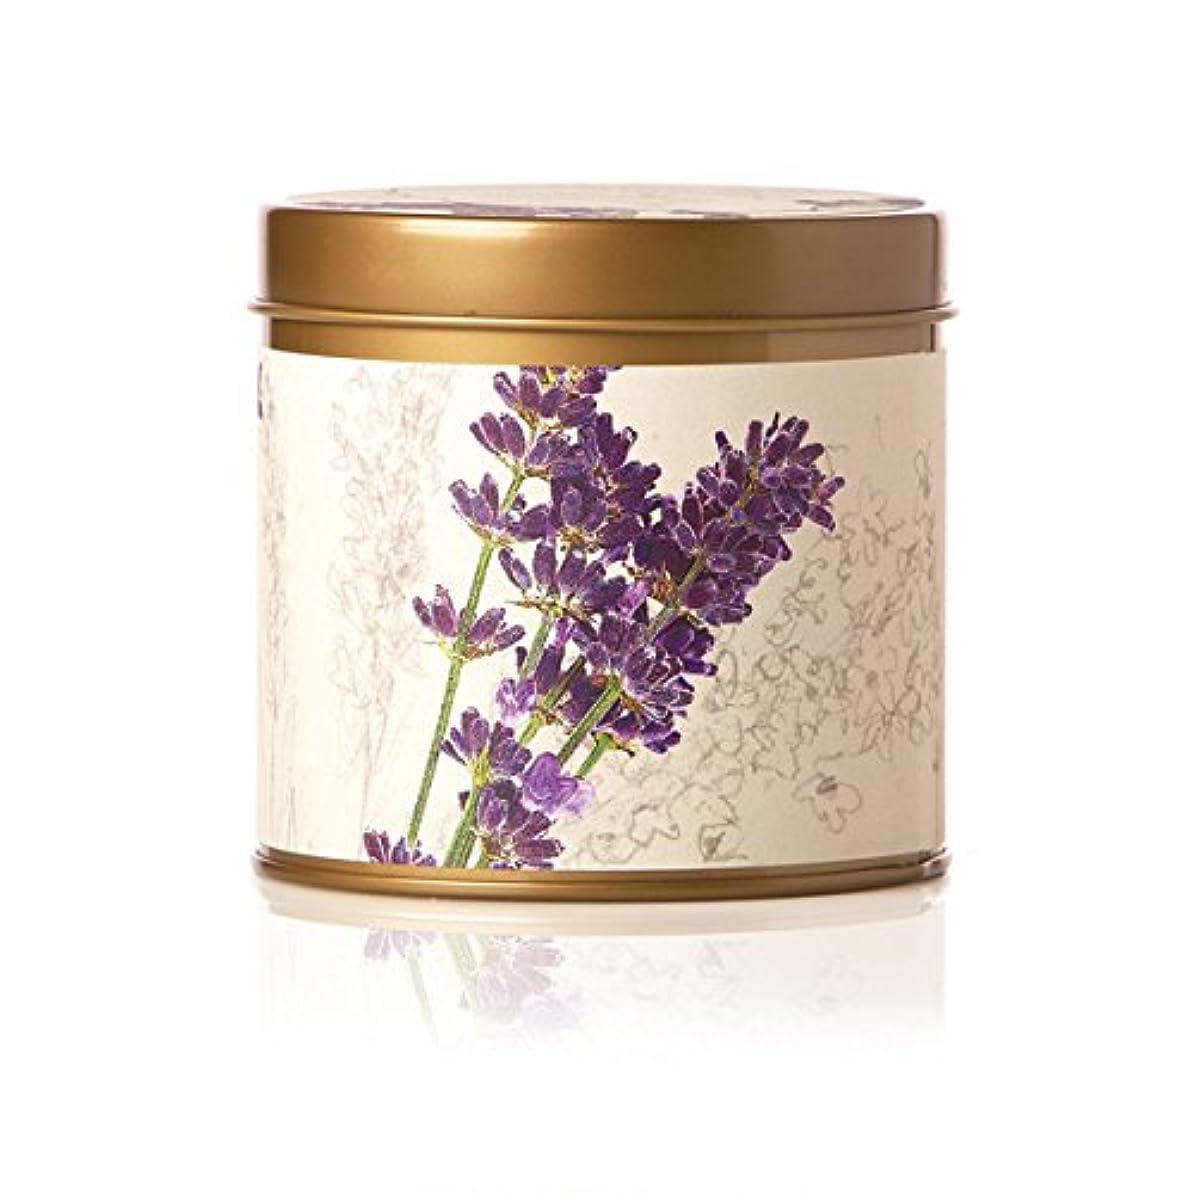 ラジエーター時計デンプシーロージーリングス ティンキャンドル ロマンラベンダー ROSY RINGS Signature Tin Roman Lavender